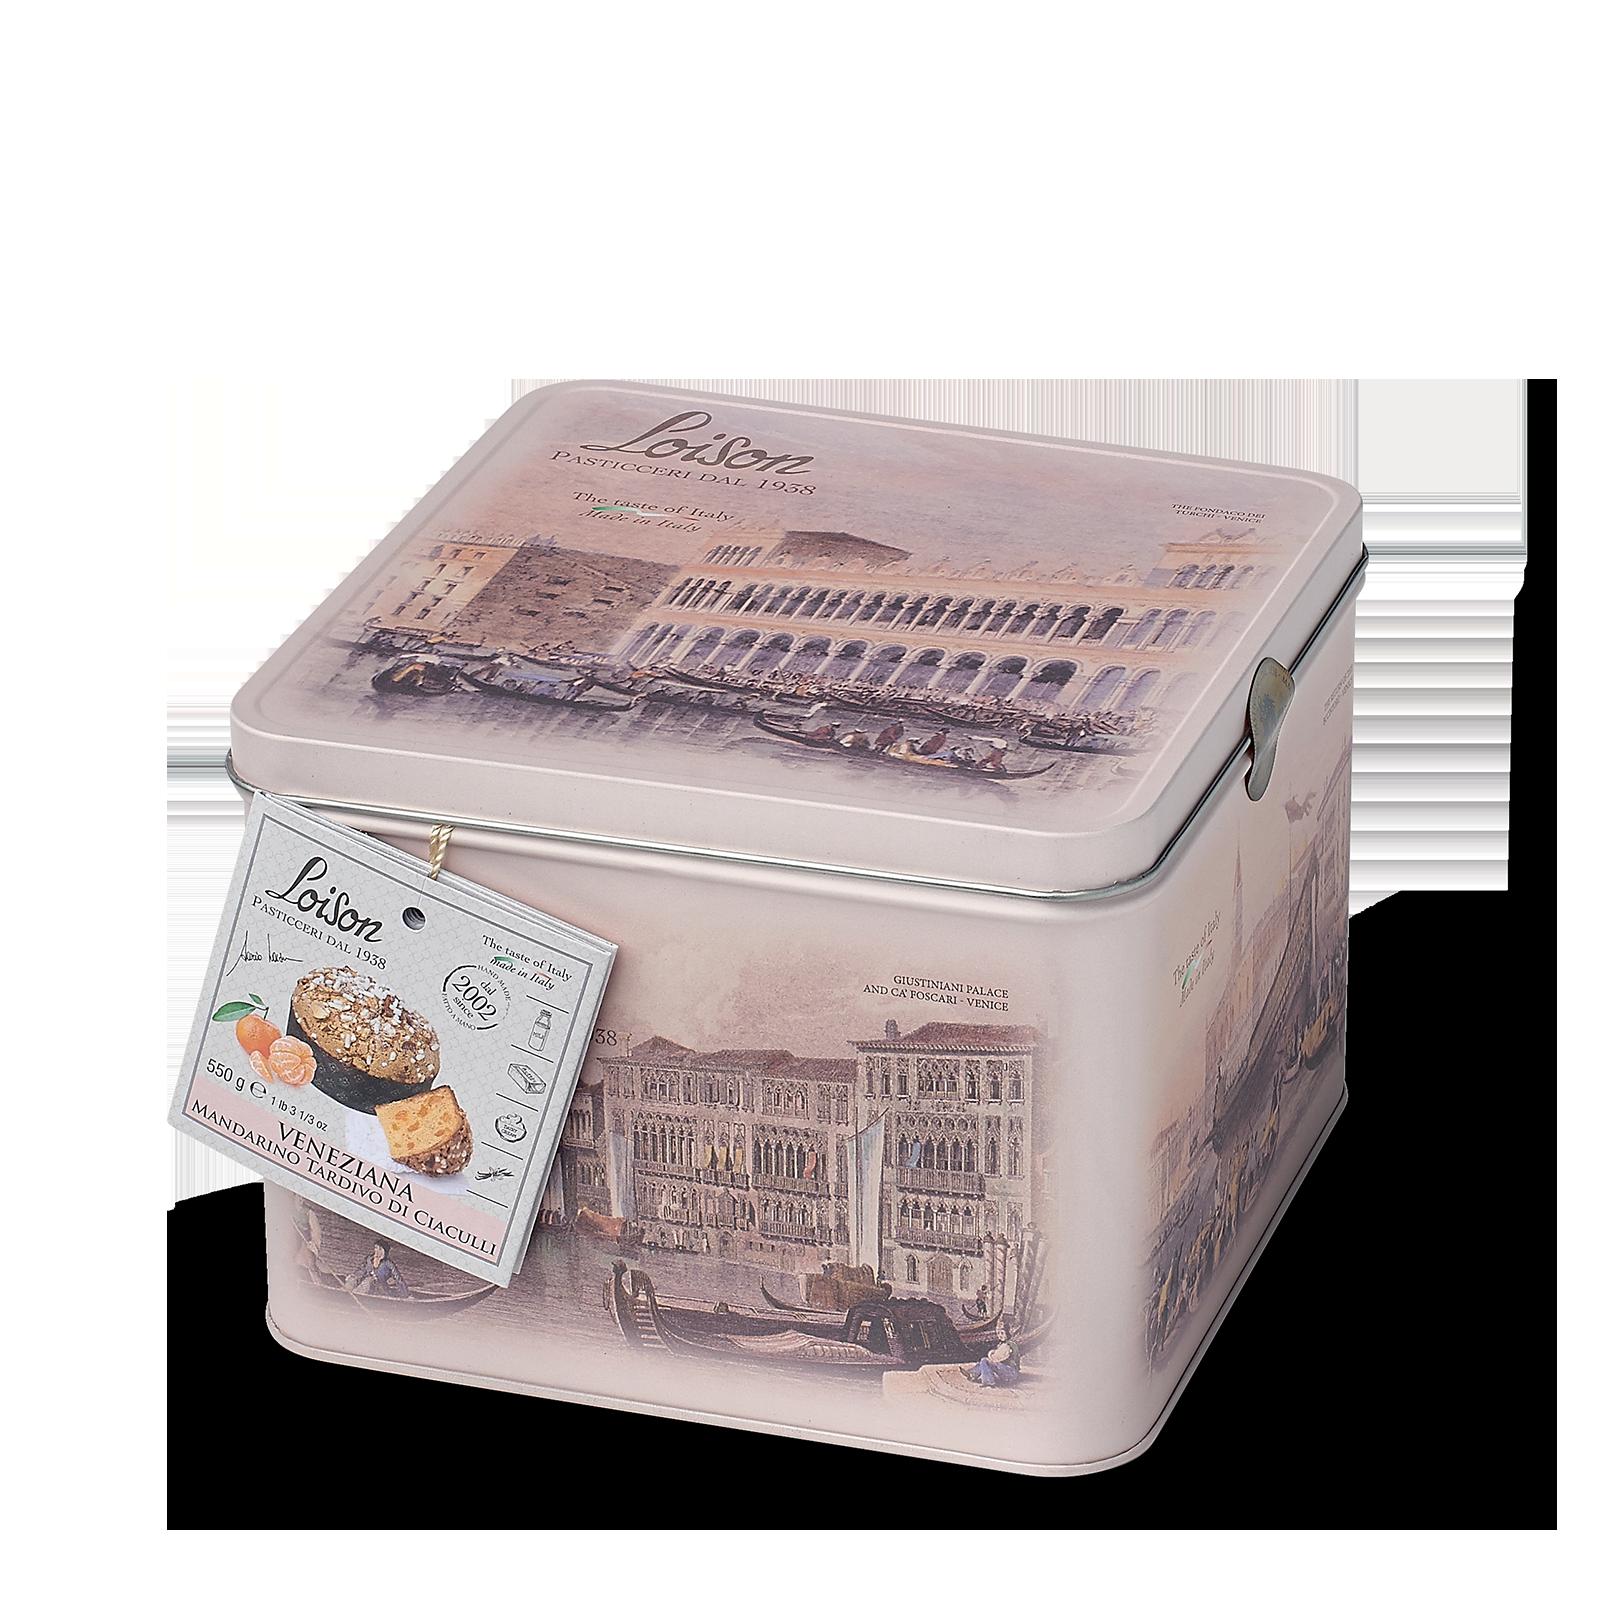 Veneziana gâteau brioché à la mandarine en boîte